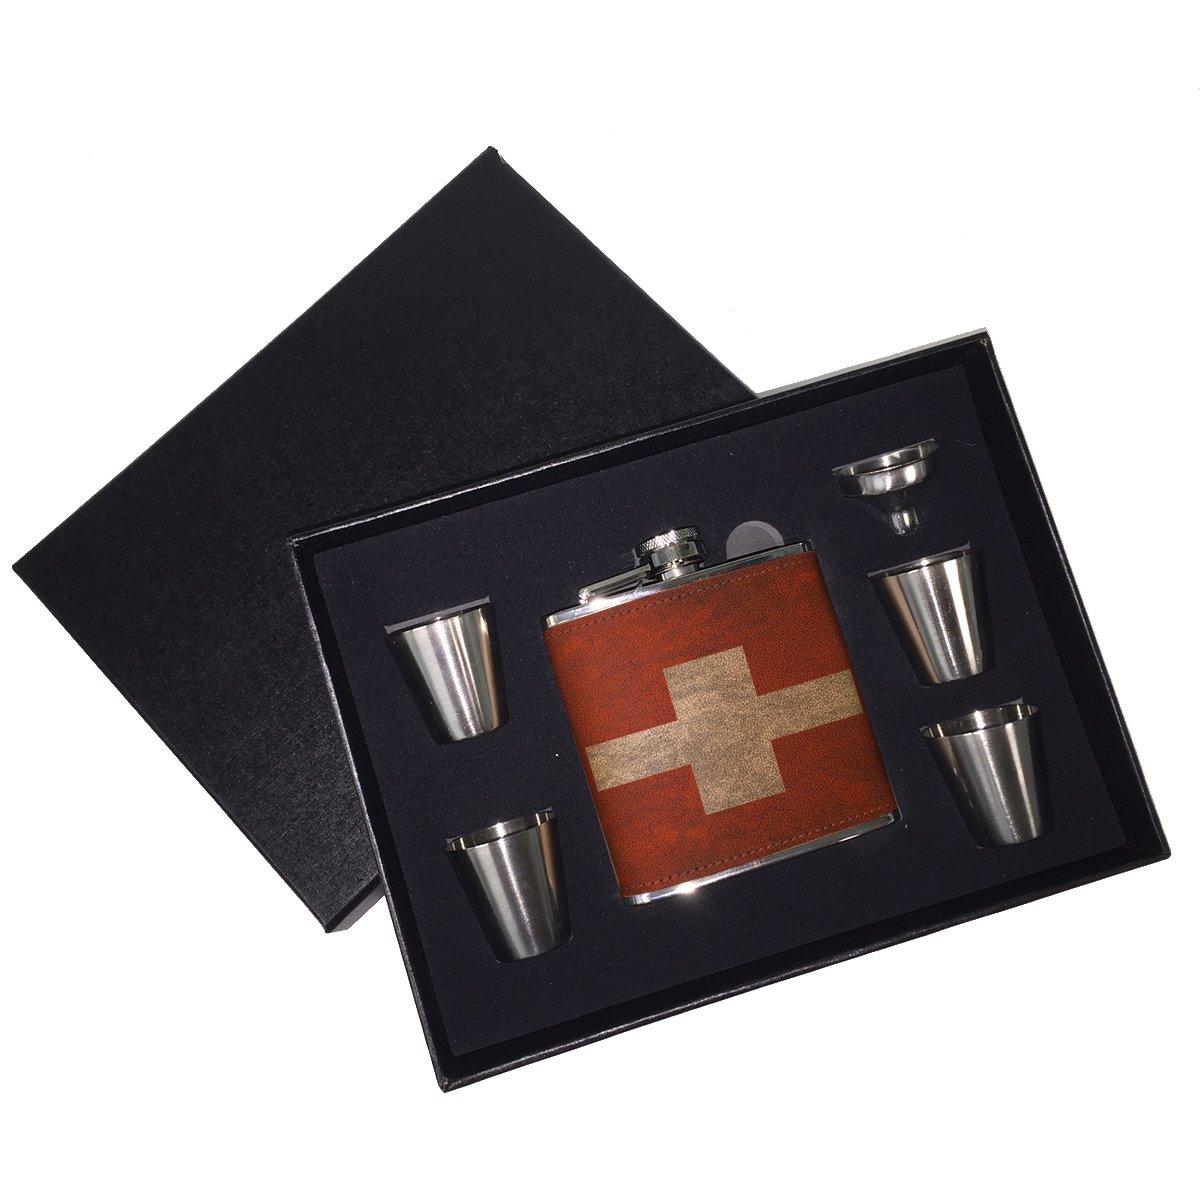 【スーパーセール】 スイスフラグ – B01J18CVAI – レザーフラスコギフトセット B01J18CVAI, 期間限定特別価格:eabf9ddb --- h909215399.nichost.ru